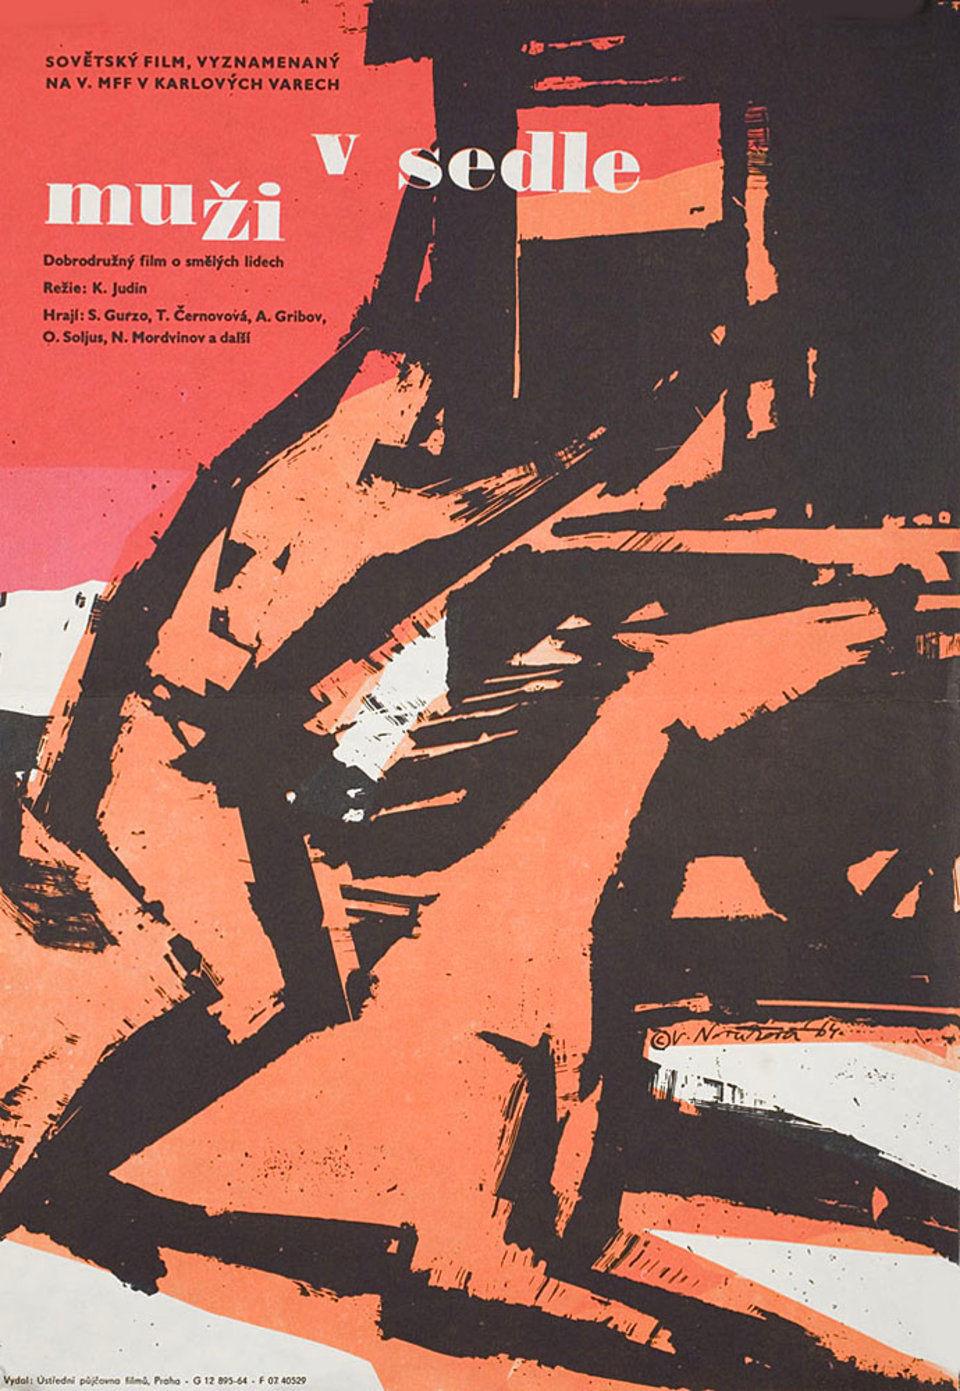 the-horsemen-1964-original-czech-movie-poster